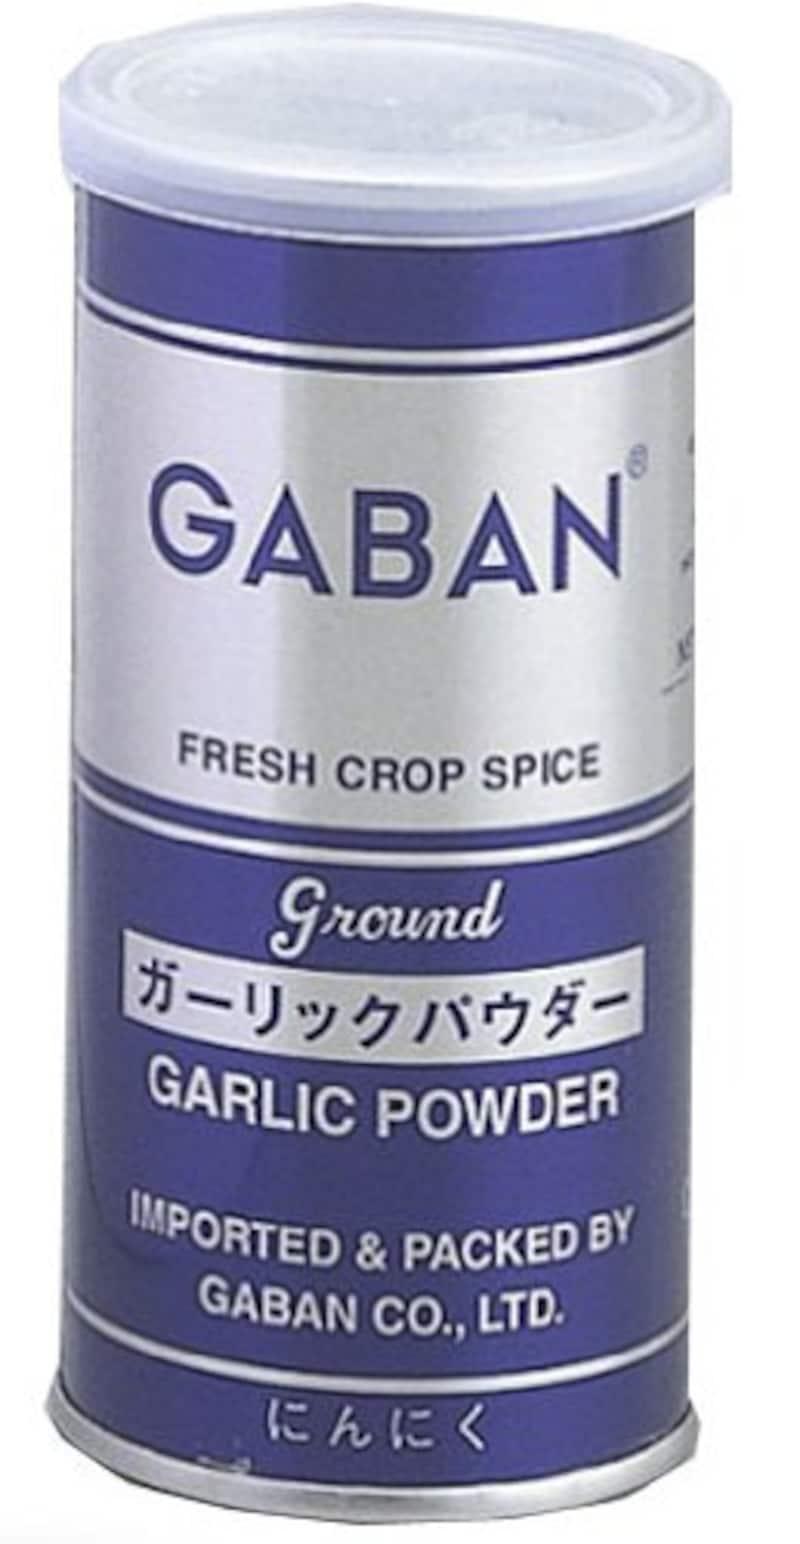 GABAN,ガーリックパウダー,575405